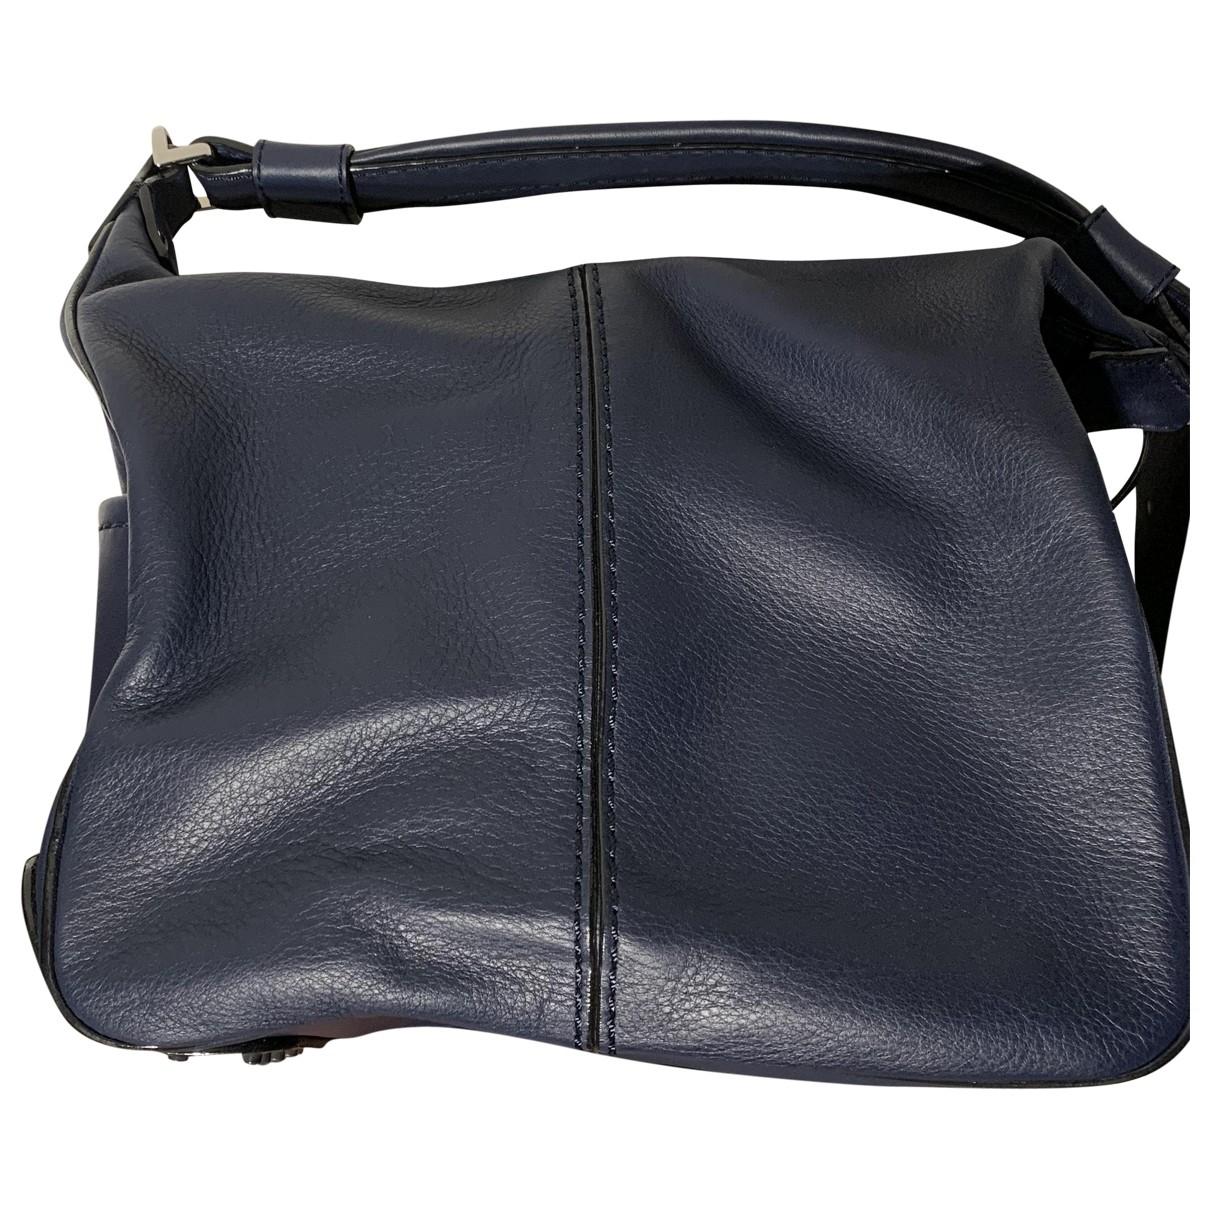 Tods \N Blue Leather handbag for Women \N